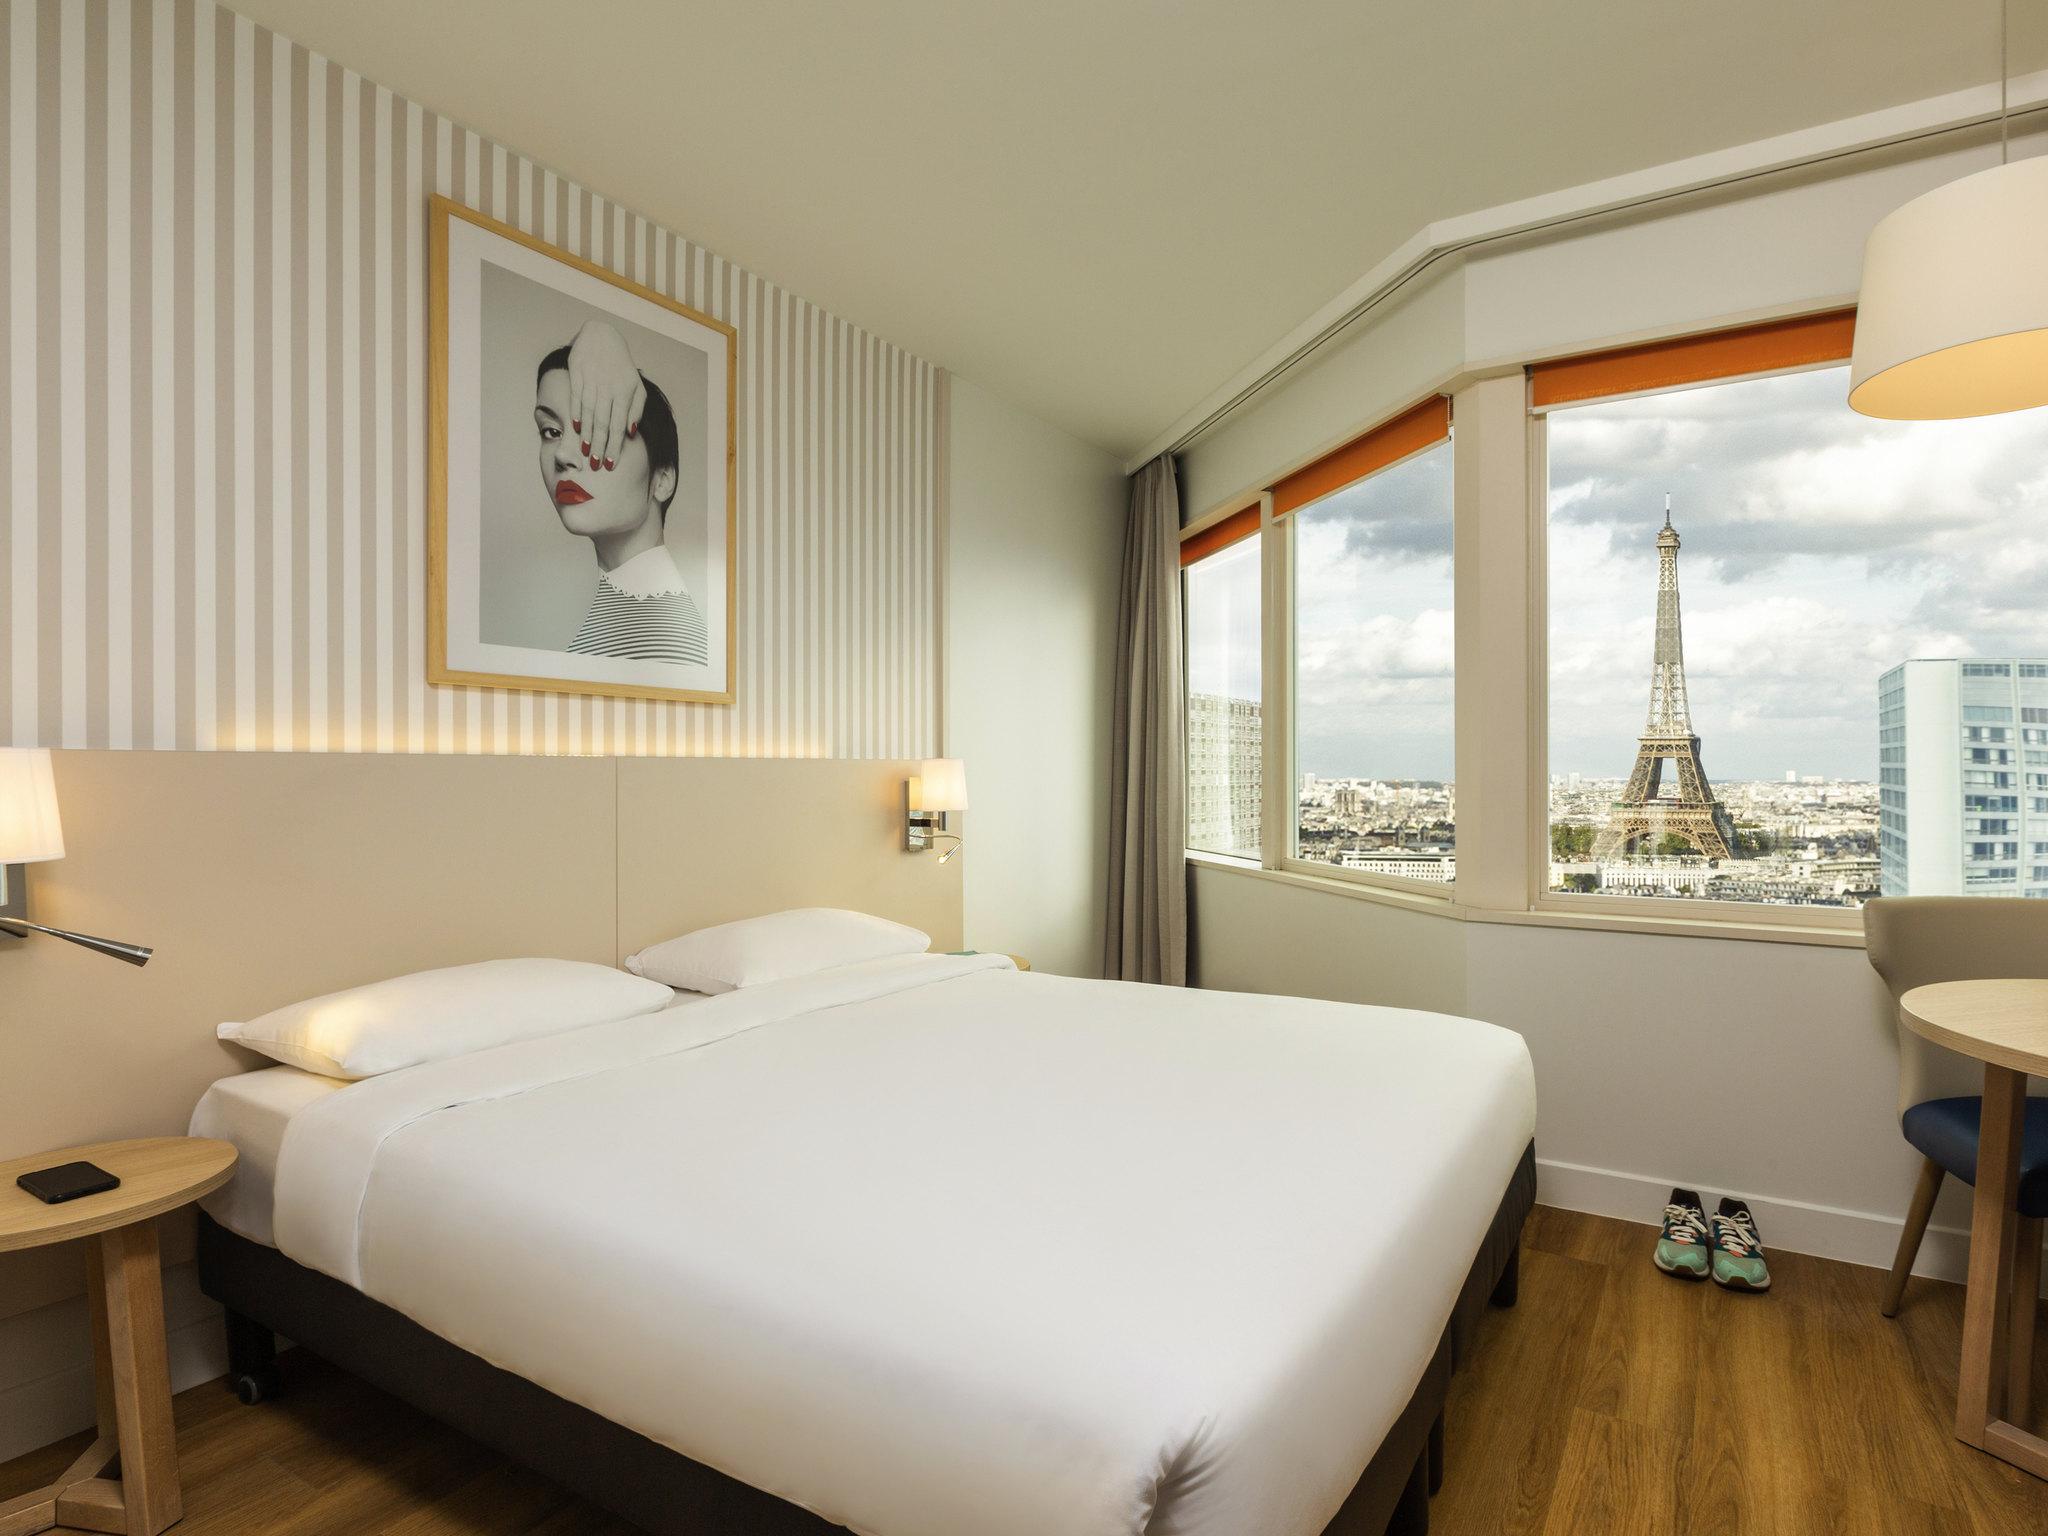 โรงแรม – อพาร์ทโฮเทล อดาจิโอ ปารีส ตูร์ ไอเฟล